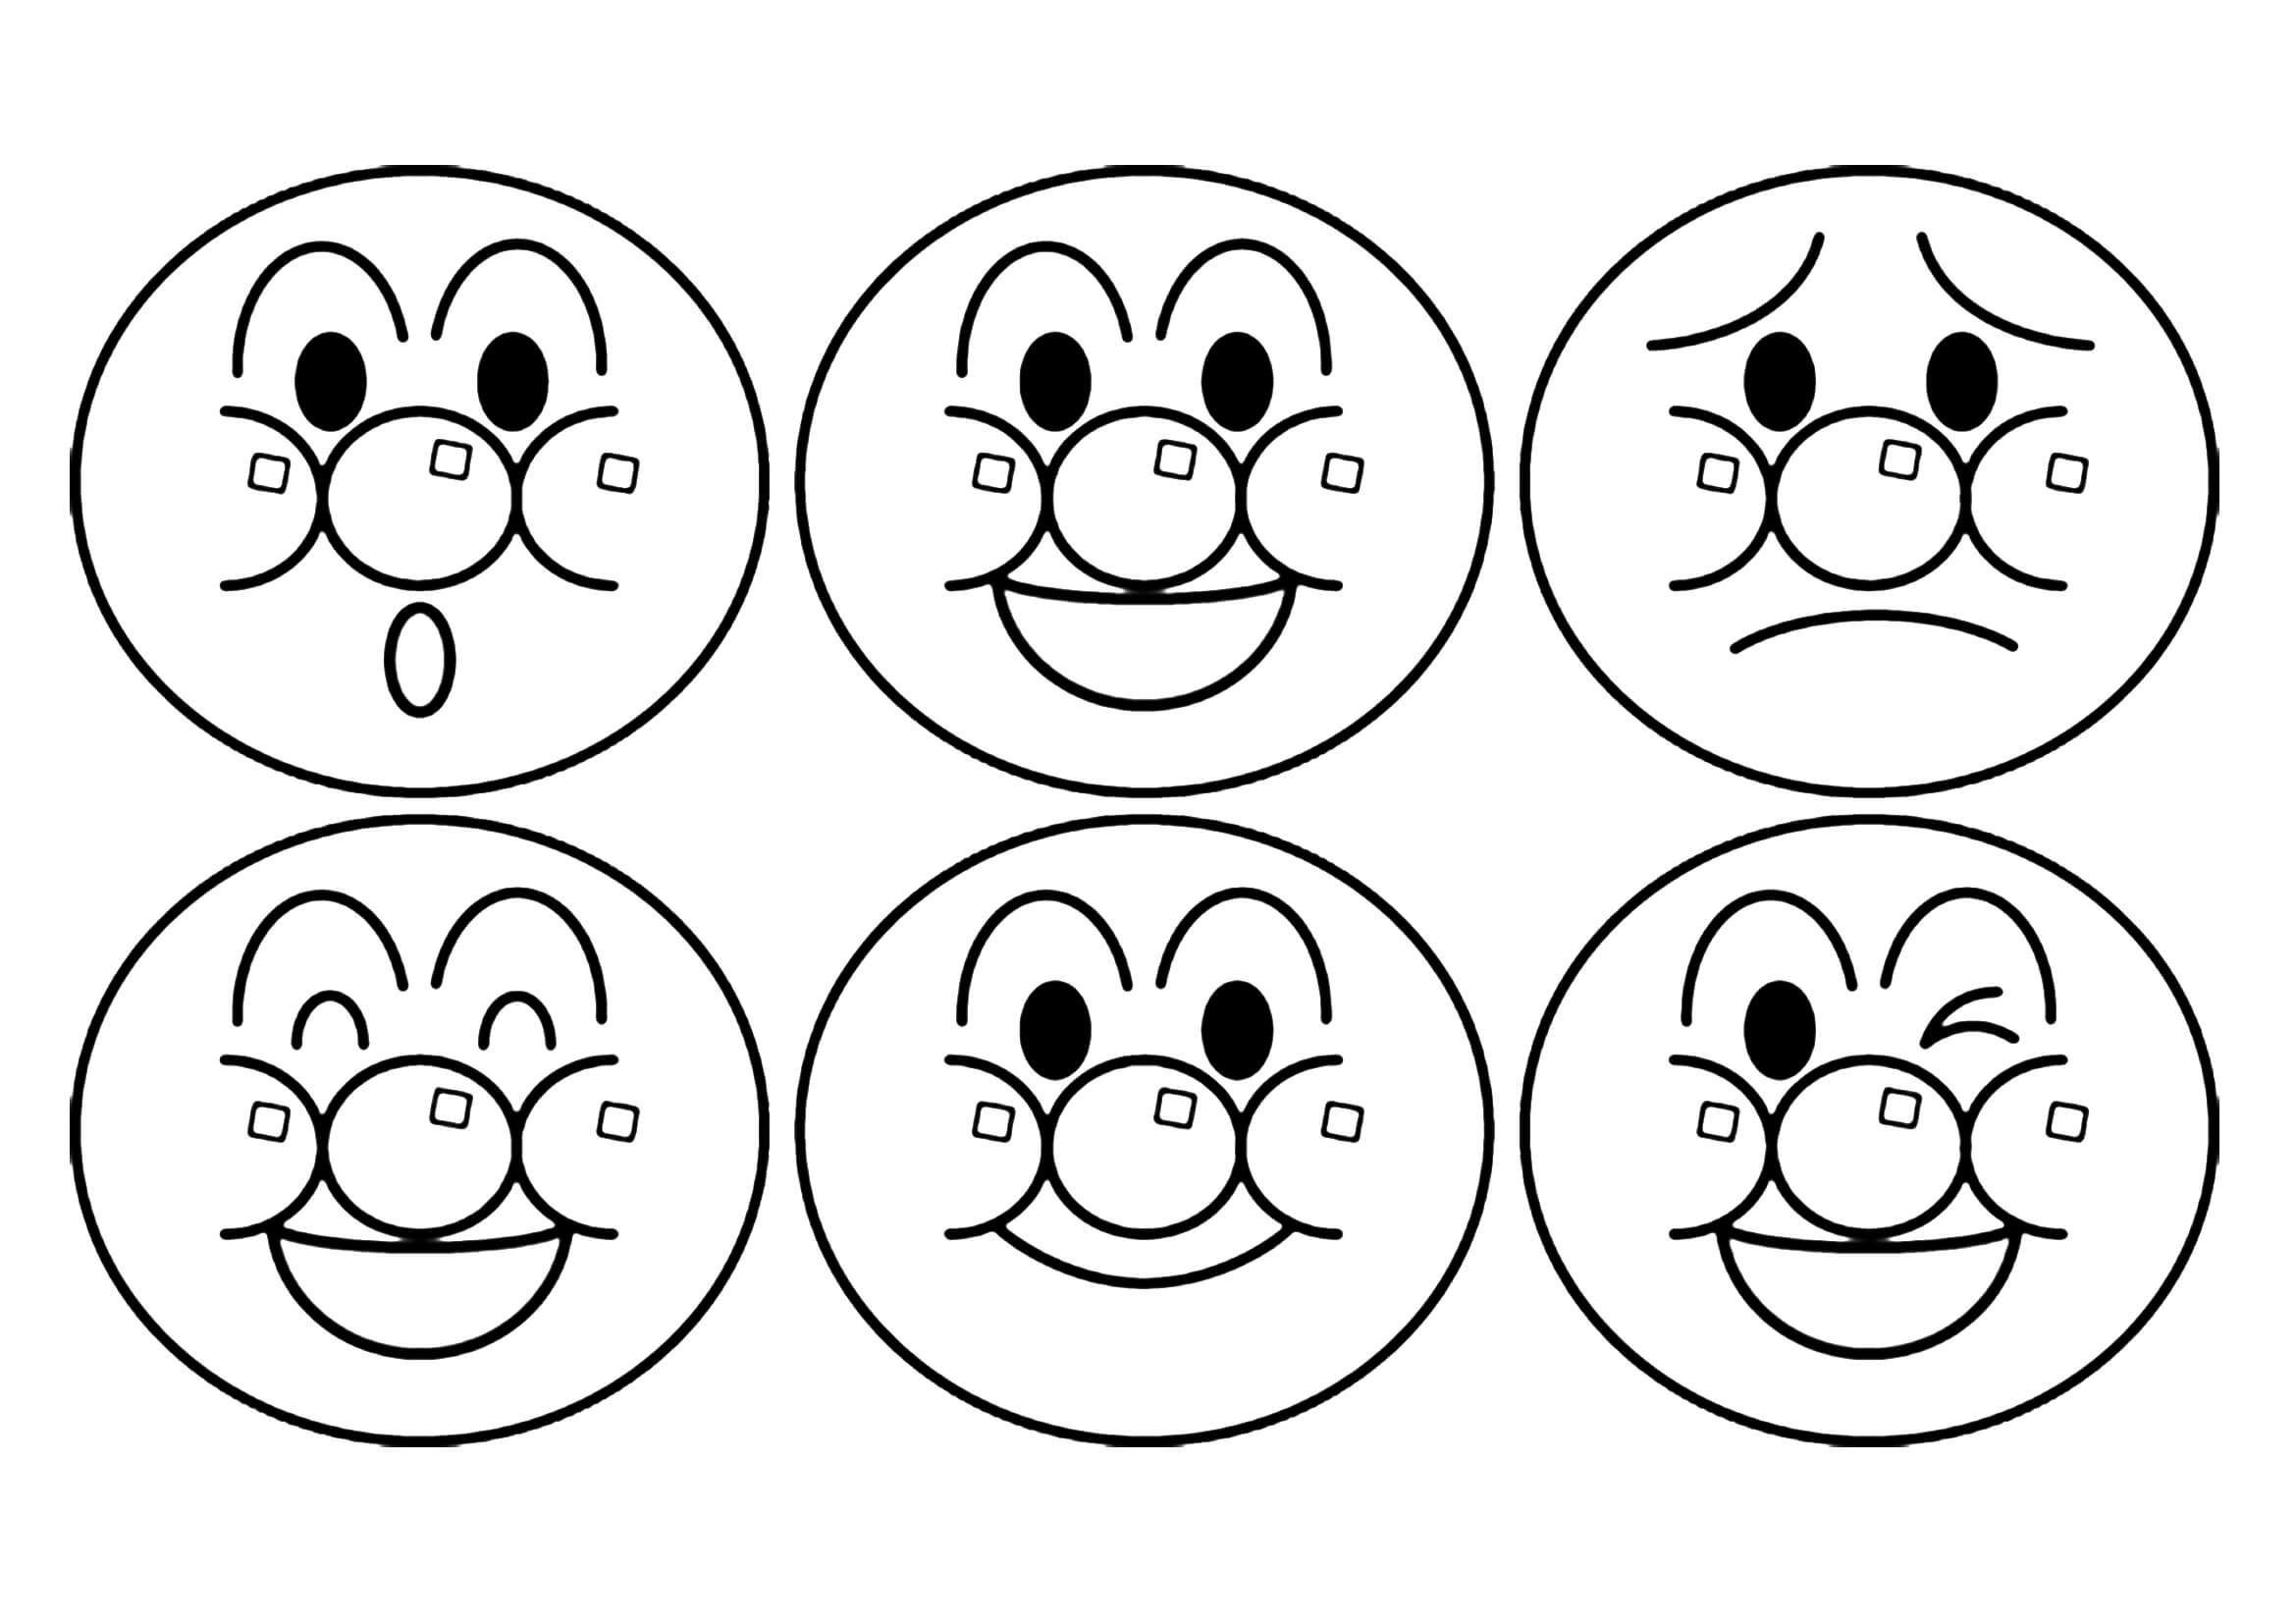 호빵맨 그림 색칠 アンパンマン イラスト 塗り絵 アンパンマン 塗り絵 無料